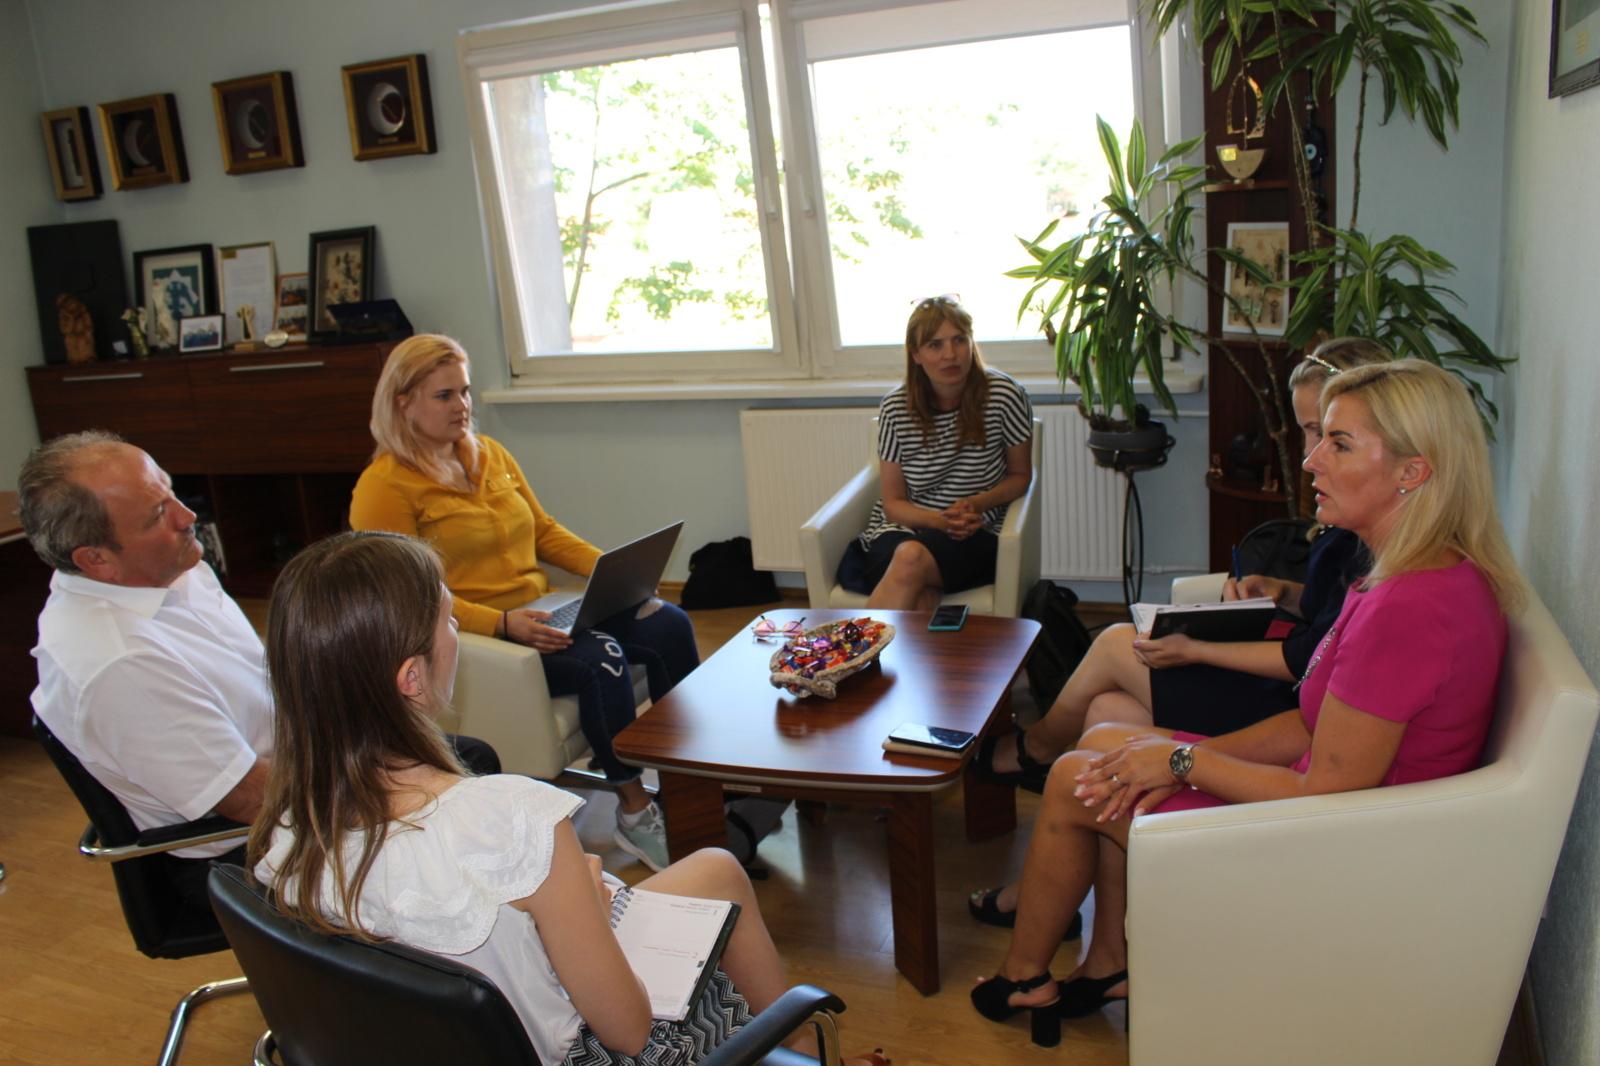 Paruošiamieji darbai pirmosioms masinio ėjimo varžyboms Lietuvoje įsibėgėja